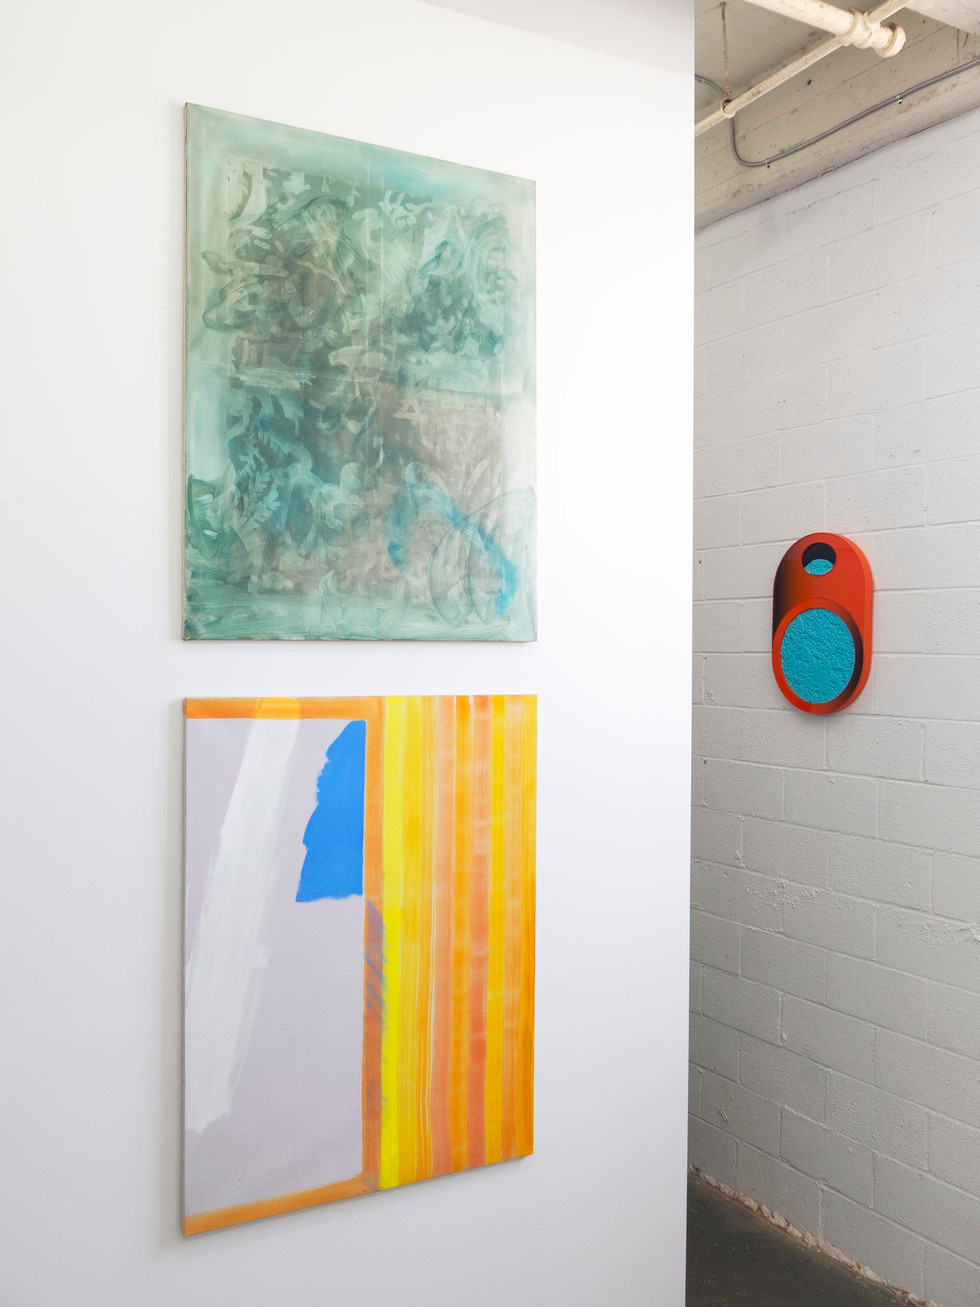 KANALO & Jane Parshall pieces